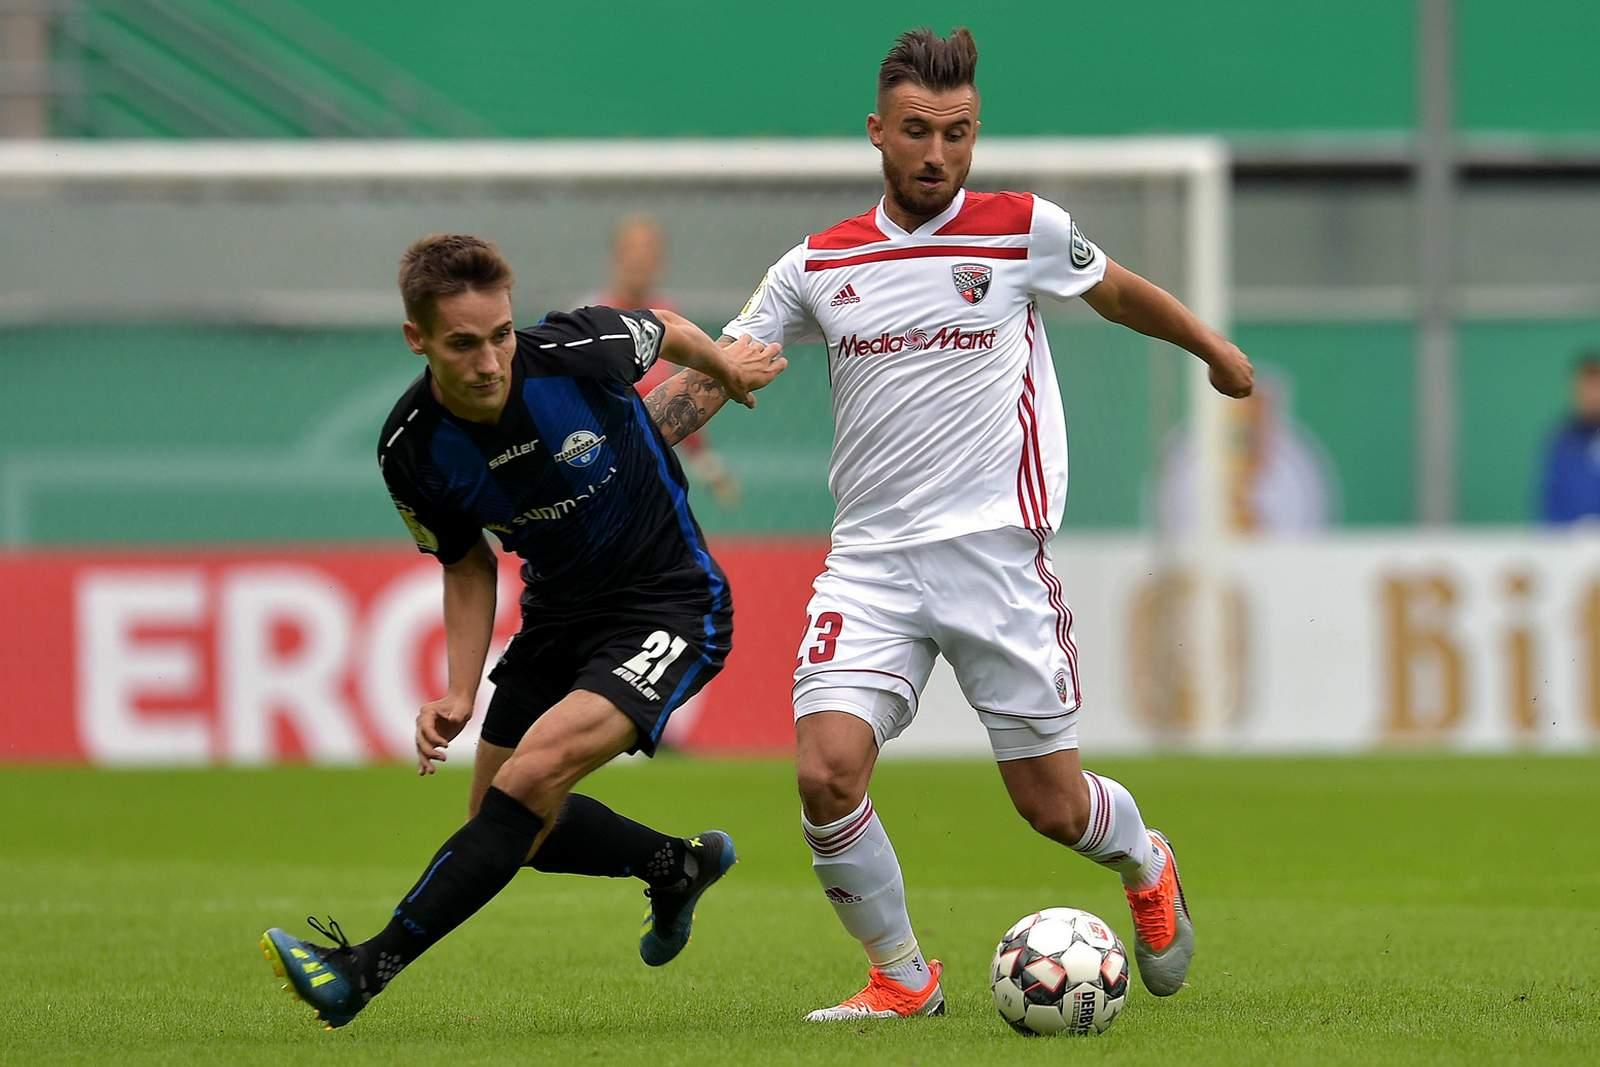 Gewinnt Robin Krauße gegen seinen Ex-Klub? Jetzt auf Ingolstadt gegen Paderborn wetten.